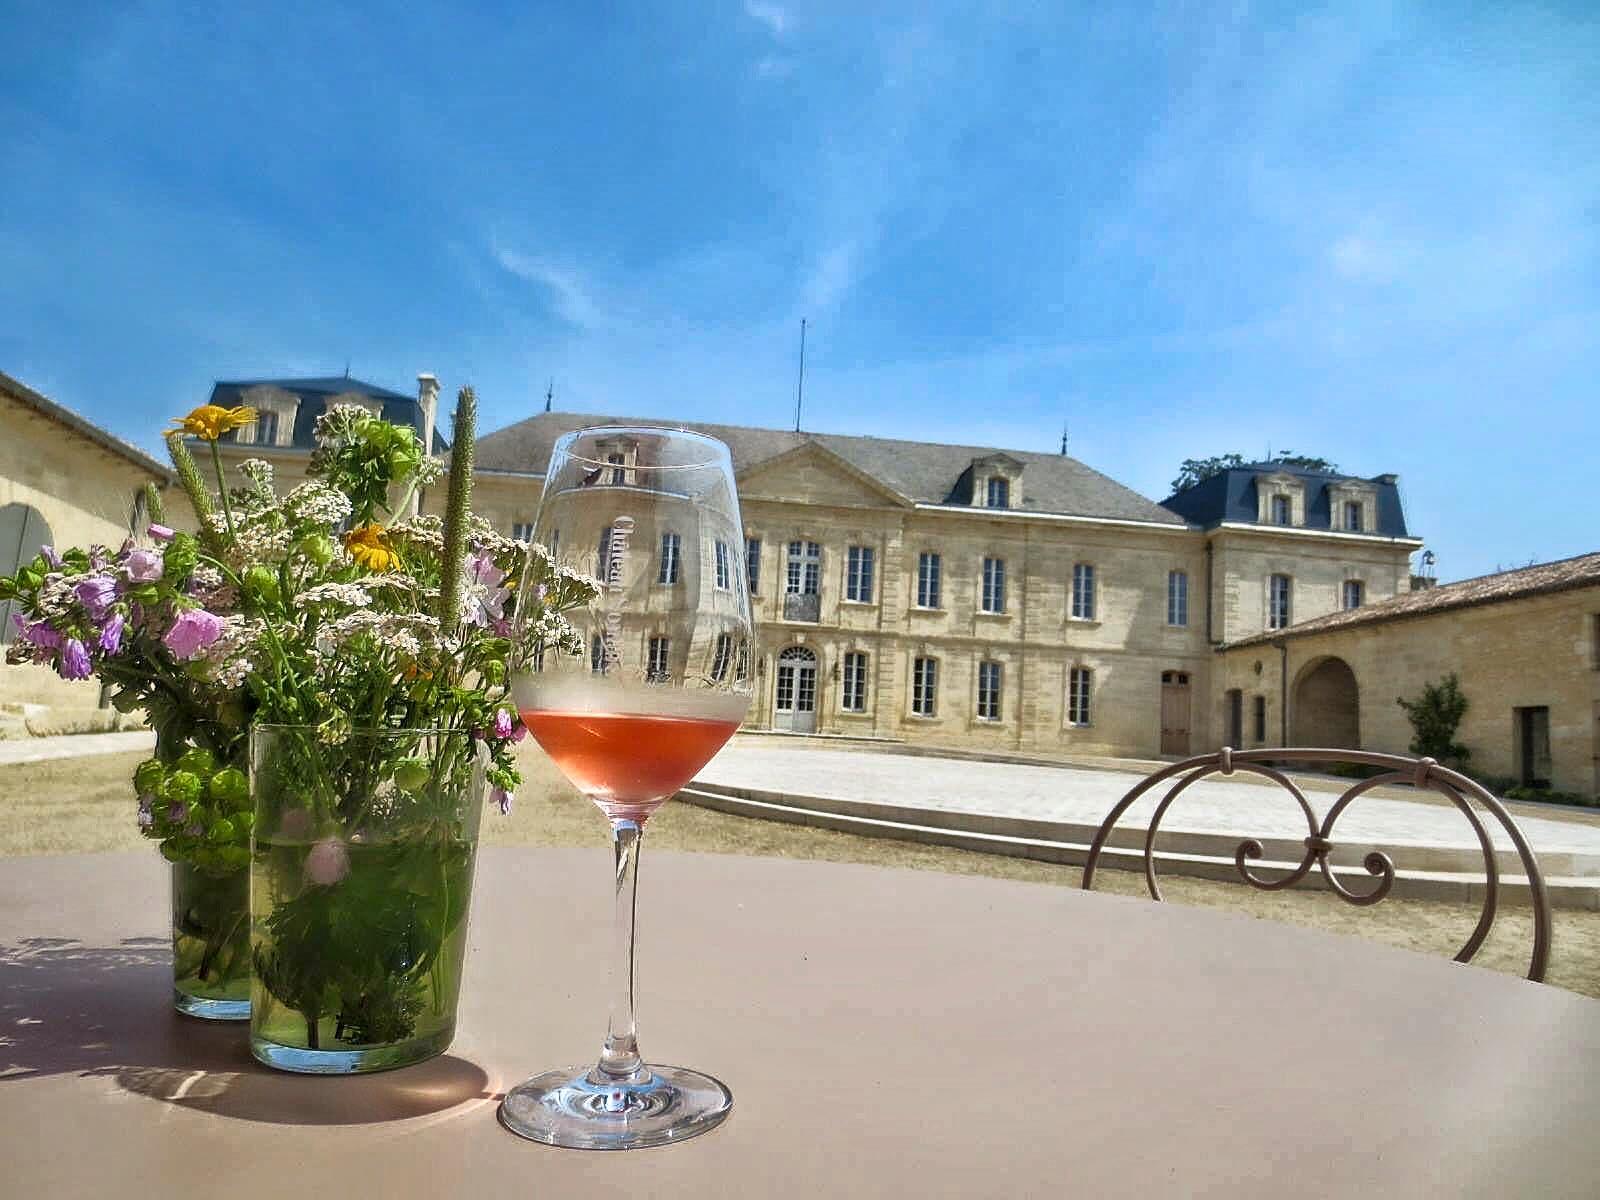 Сент-Эмильон и Русский гид в Бордо #GourmetFeastVoyage www.ru-france.com